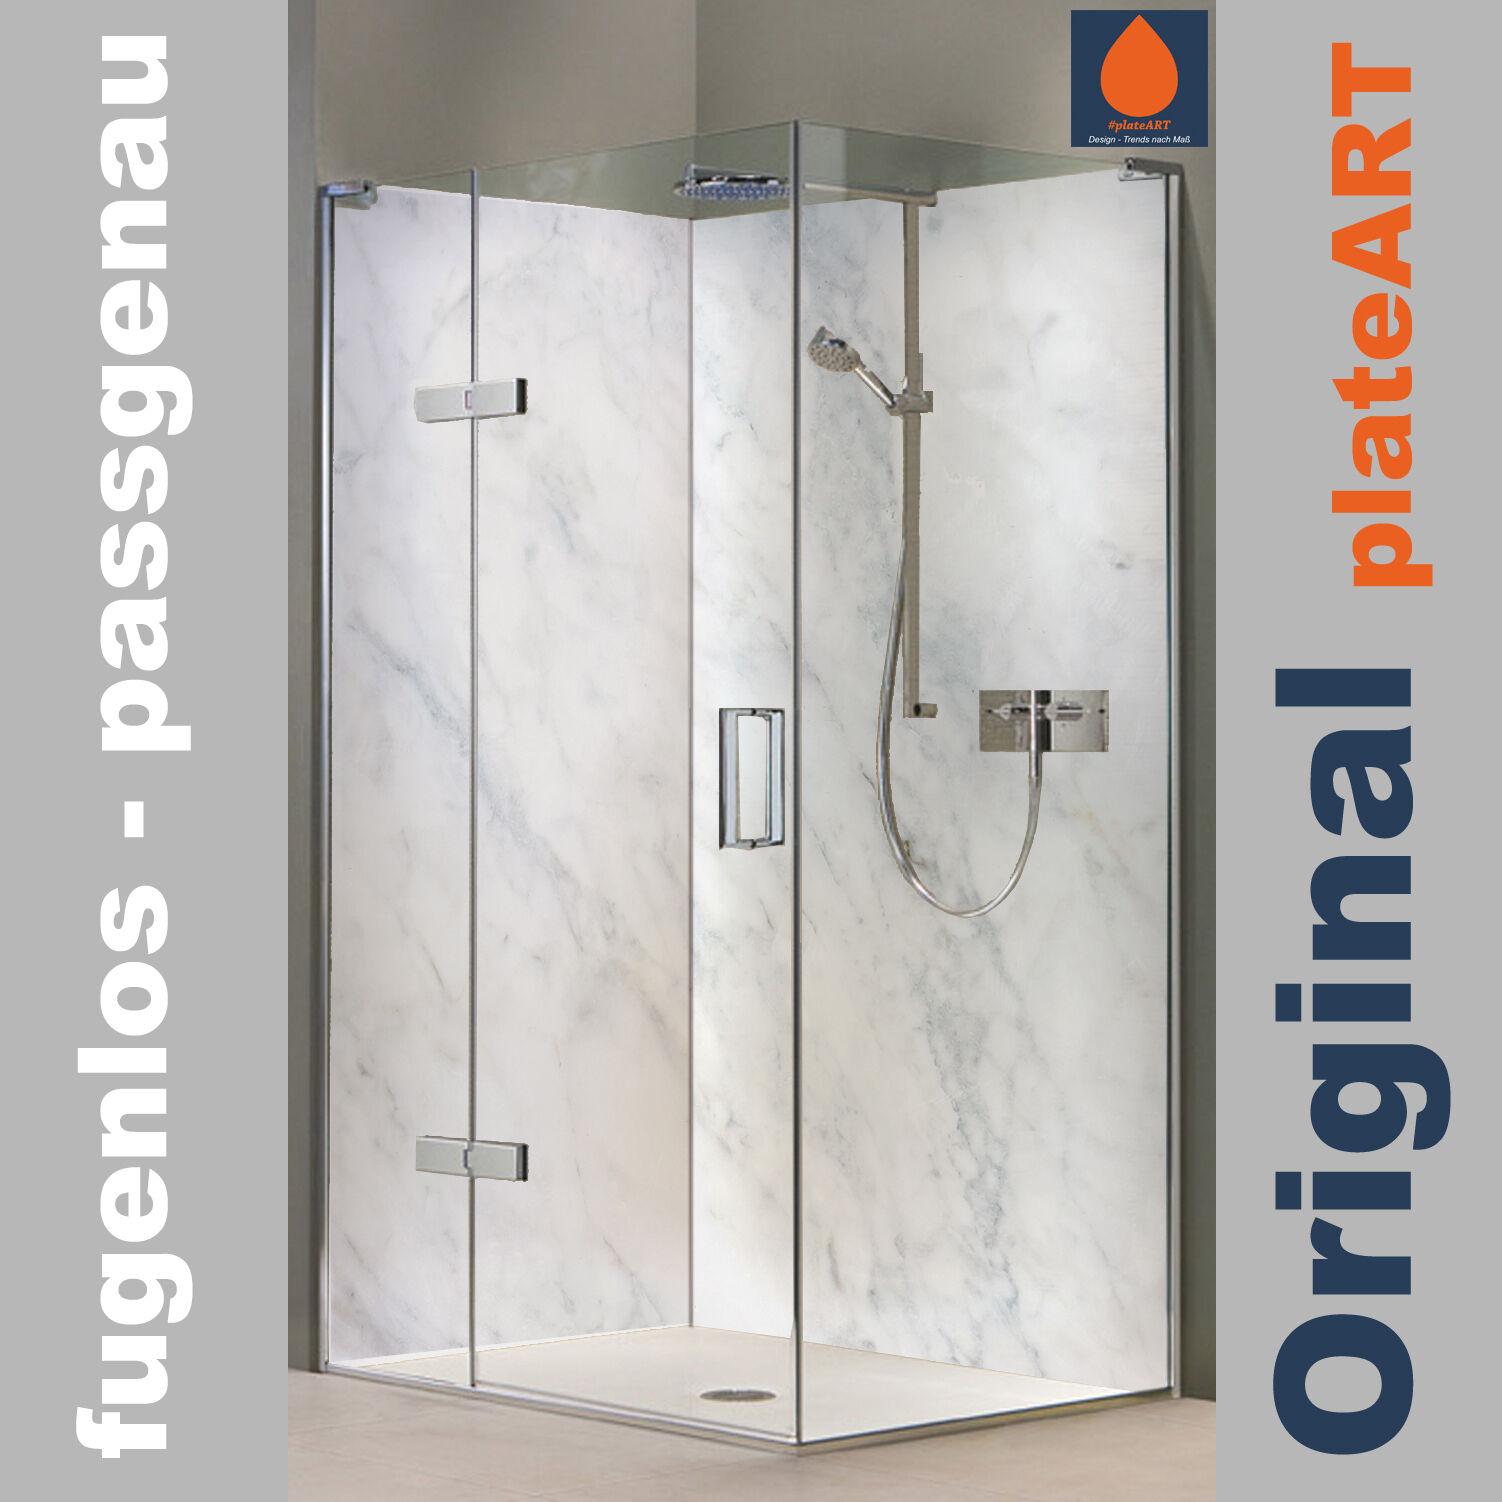 Fond De Panier douche alu, duschrückwand Miroir Carreaux Miroir duschrückwand Carreaux, marbre blanc 260e9a